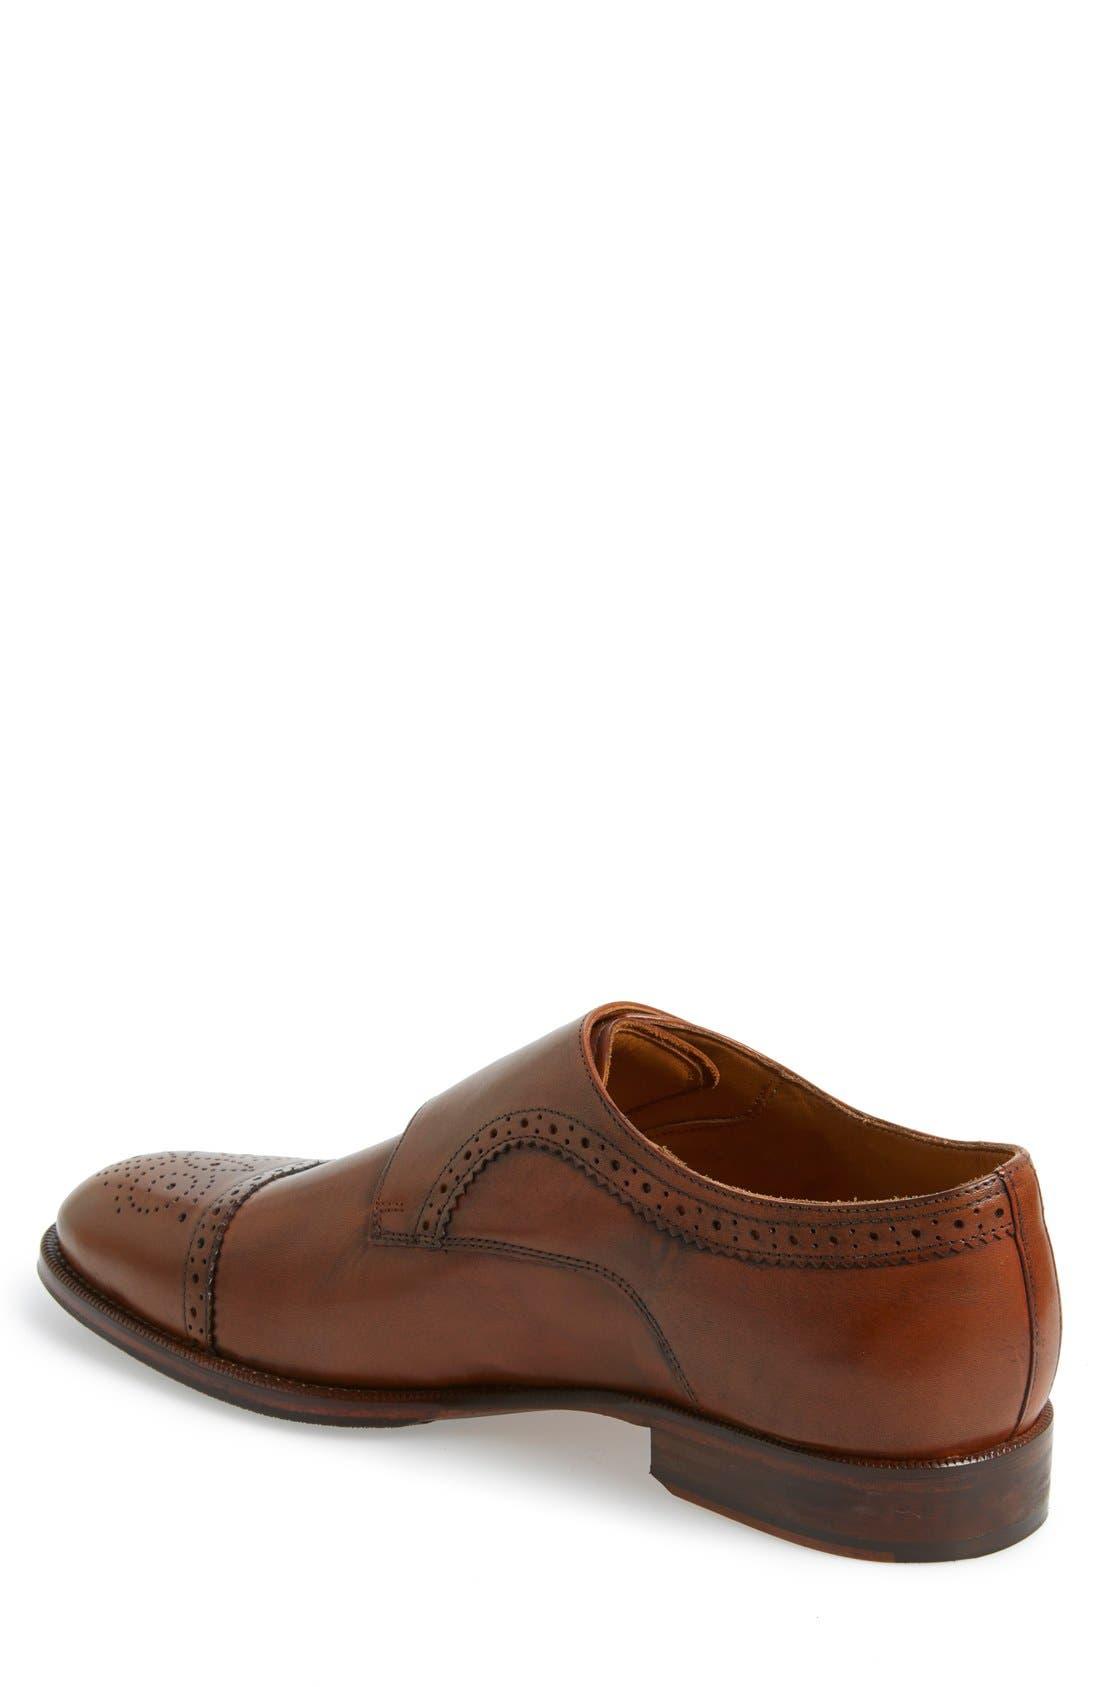 'Briant' Double Monk Strap Shoe,                             Alternate thumbnail 4, color,